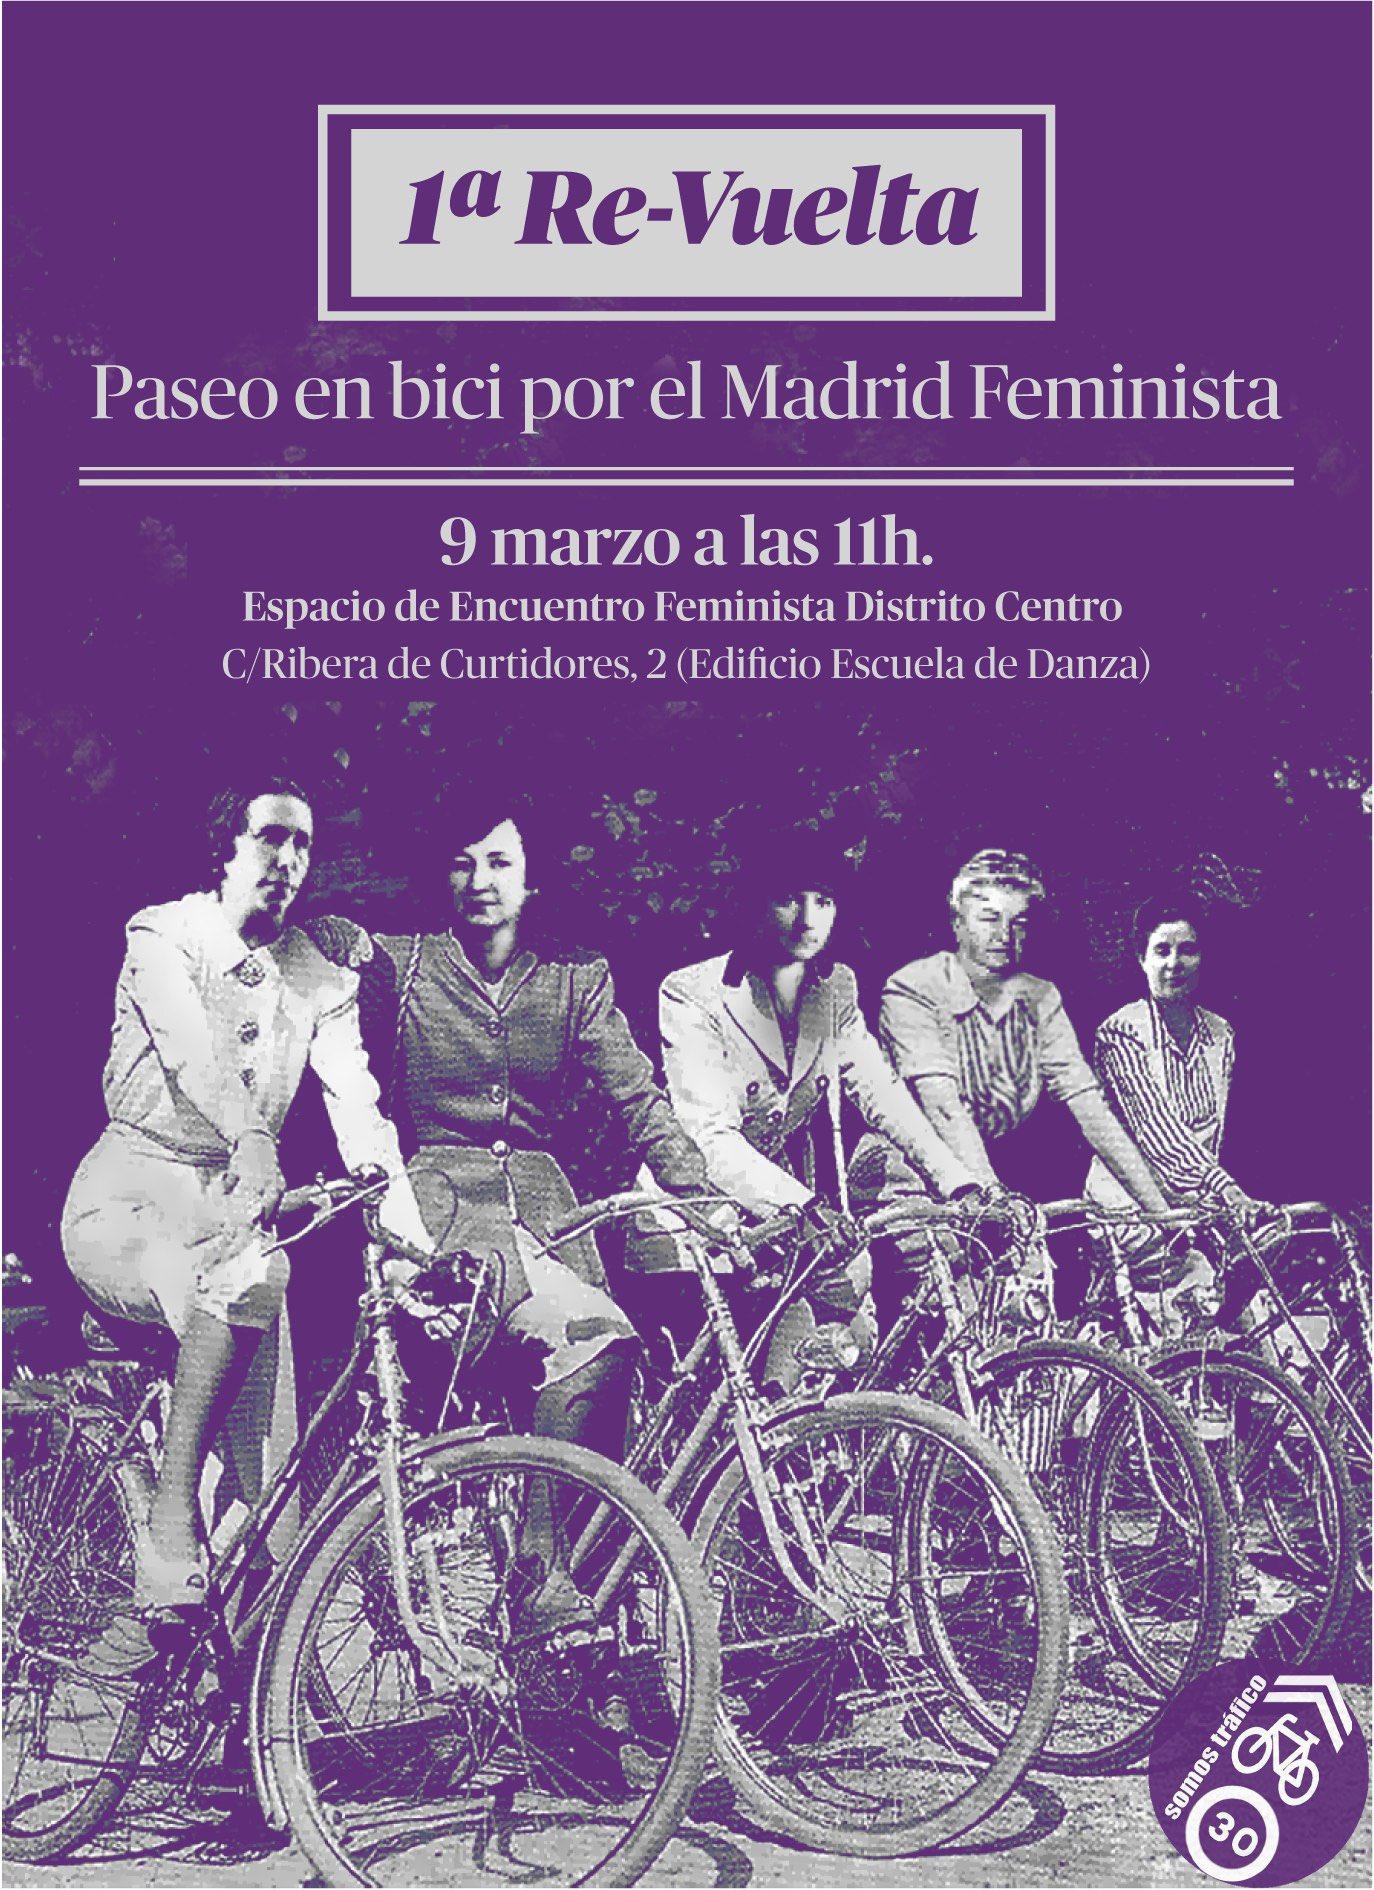 Primera «Re-Vuelta». Paseo en bici por el Madrid feminista